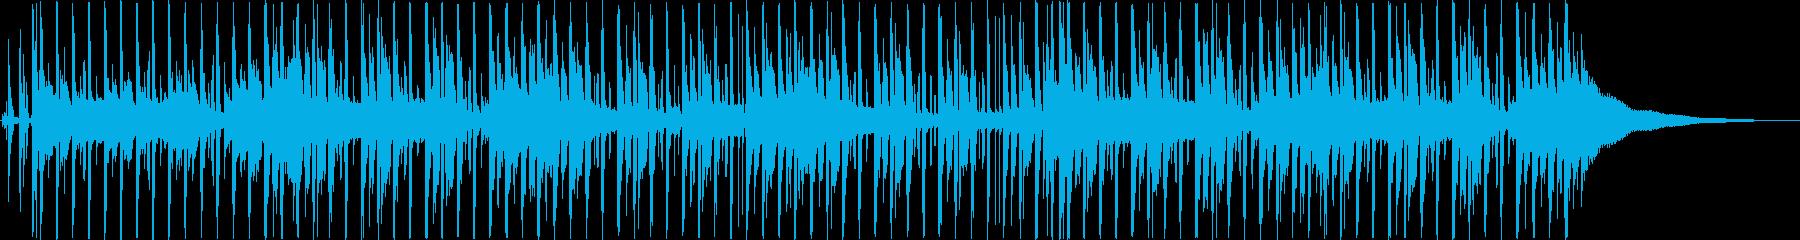 浮遊感のあるオトナポップの再生済みの波形